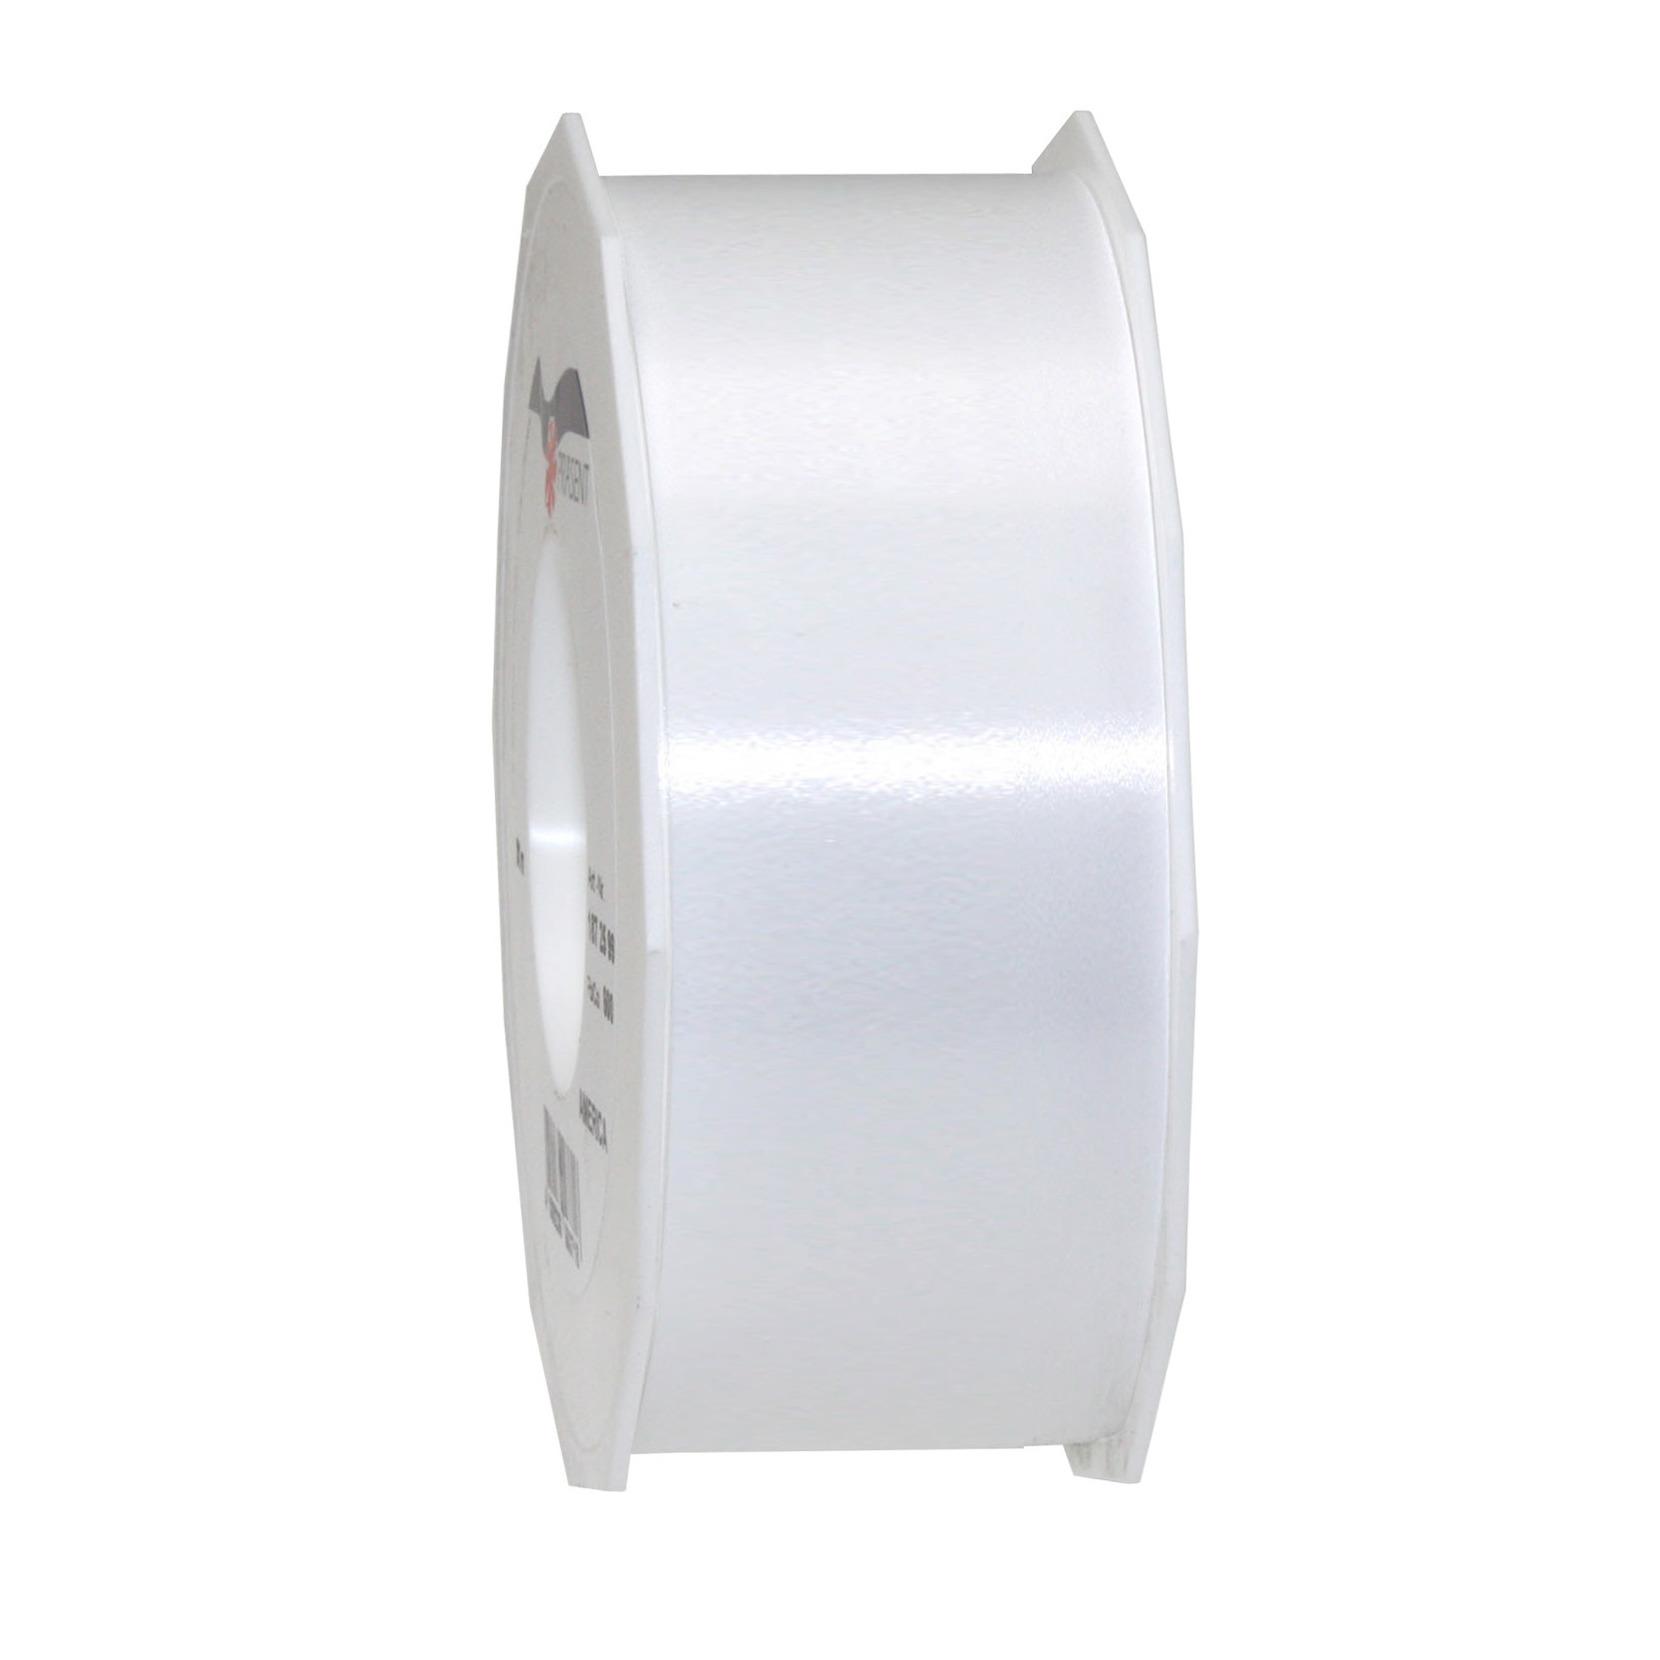 1x Luxe zilveren satijnlint rollen 4 cm x 91 meter cadeaulint verpakkingsmateriaal